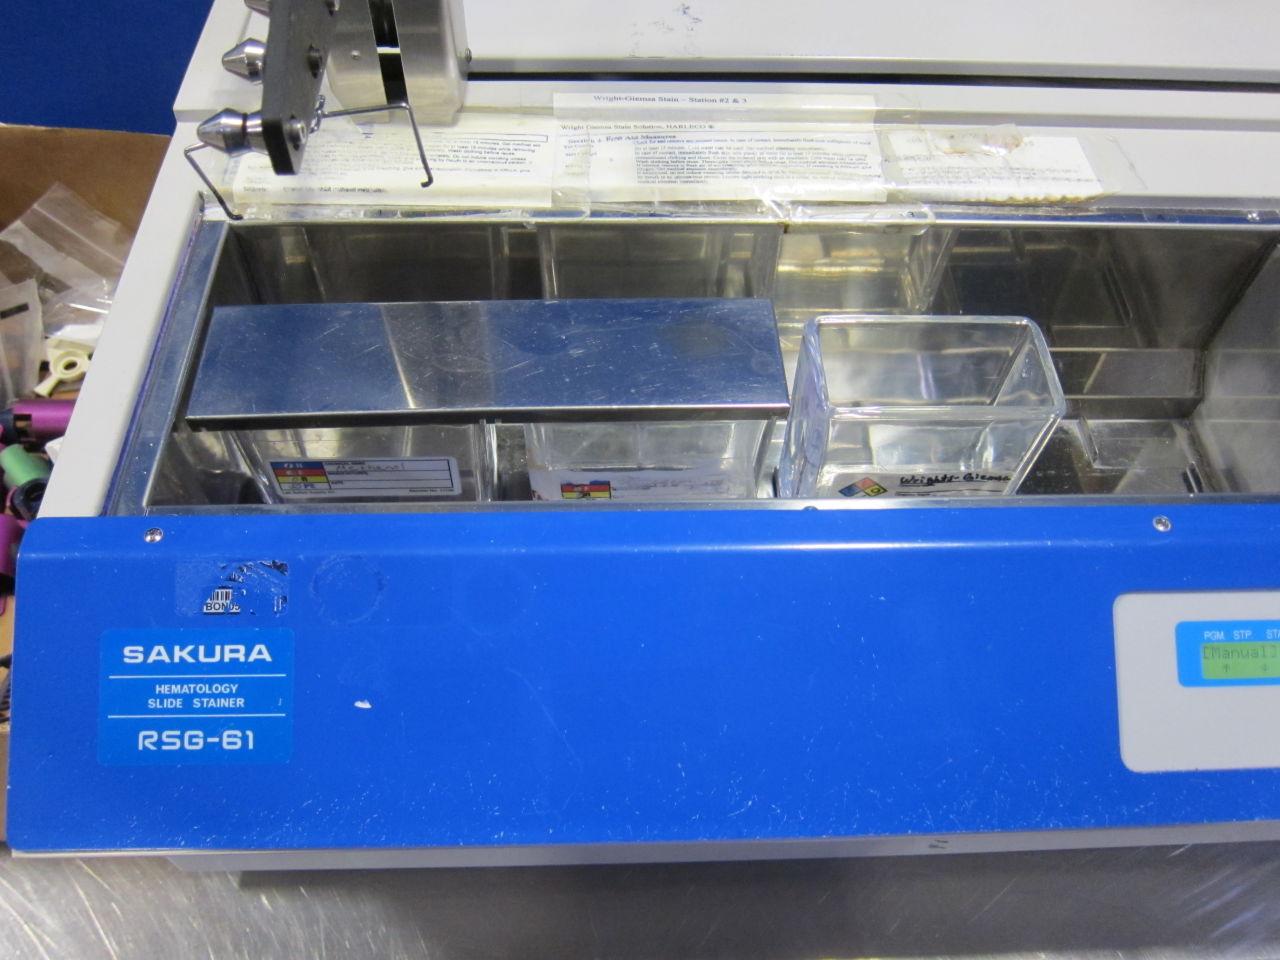 SAKURA 125G-61 Slide Stainer